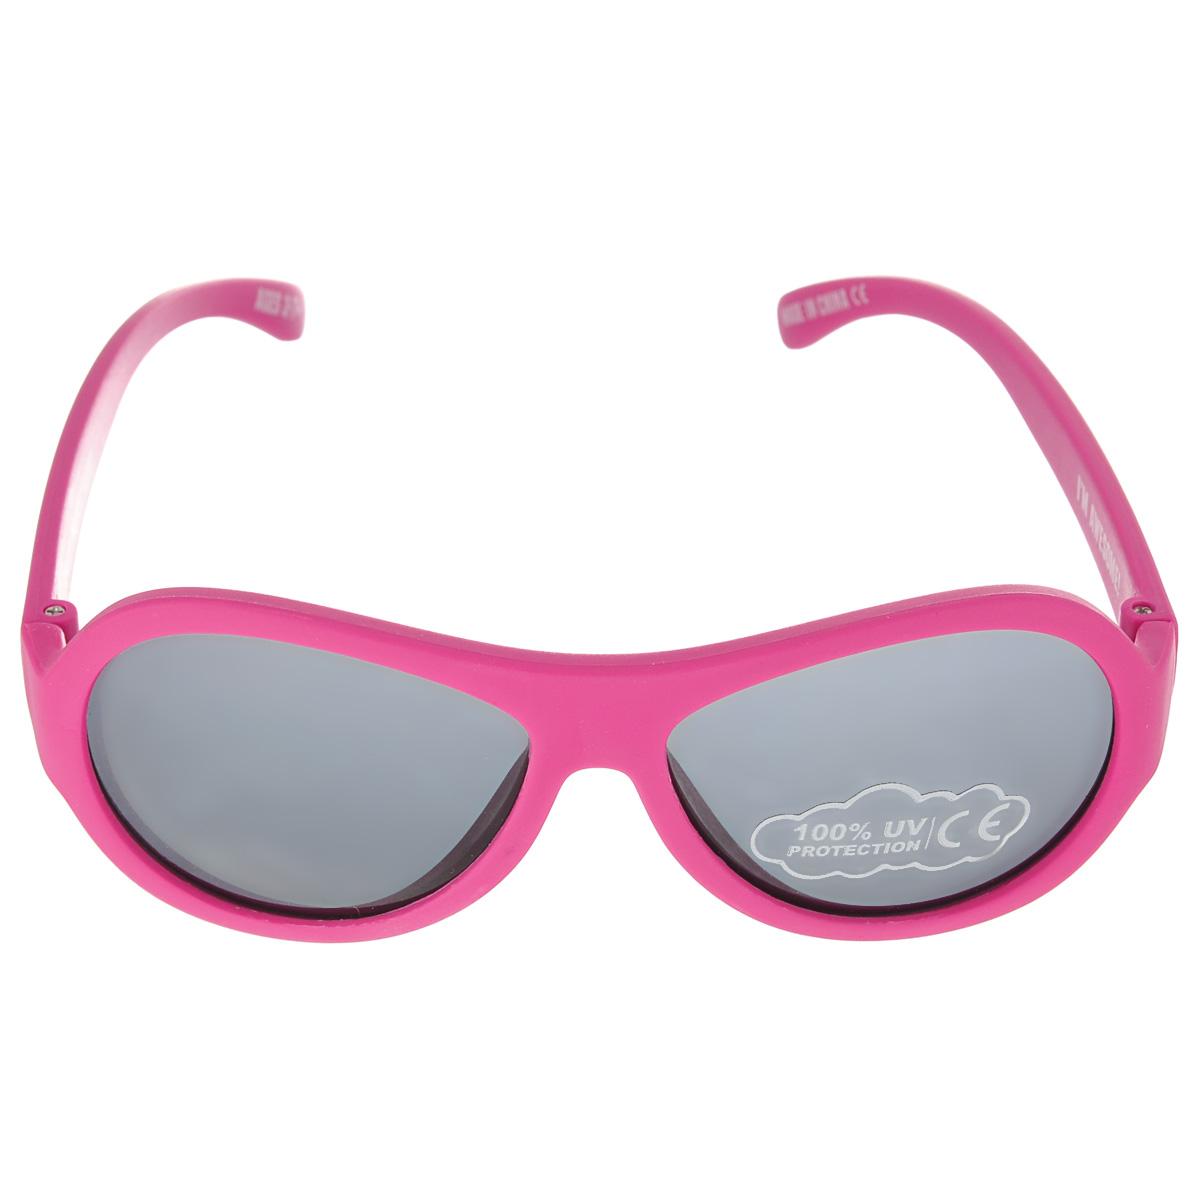 Детские солнцезащитные очки Babiators Поп-звезда (Popstar), цвет: розовый, 3-7 лет80024841Вы делаете все возможное, чтобы ваши дети были здоровы и в безопасности. Шлемы для езды на велосипеде, солнцезащитный крем для прогулок на солнце... Но как насчет влияния солнца на глаза вашего ребенка? Правда в том, что сетчатка глаза у детей развивается вместе с самим ребенком. Это означает, что глаза малышей не могут отфильтровать УФ-излучение. Проблема понятна - детям нужна настоящая защита, чтобы глазки были в безопасности, а зрение сильным.Каждая пара солнцезащитных очков Babiators для детей обеспечивает 100% защиту от UVA и UVB. Прочные линзы высшего качества из поликарбоната не подведут в самых сложных переделках. В отличие от обычных пластиковых очков, оправа Babiators выполнена из гибкого прорезиненного материала (термопластичного эластомера), что делает их ударопрочными, их можно сгибать и крутить - они не сломаются и вернутся в прежнюю форму. Не бойтесь, что ребенок сядет на них - они все выдержат. Будьте уверены, что очки Babiators созданы безопасными, прочными и классными, так что вы и ваш ребенок можете приступать к своим приключениям!